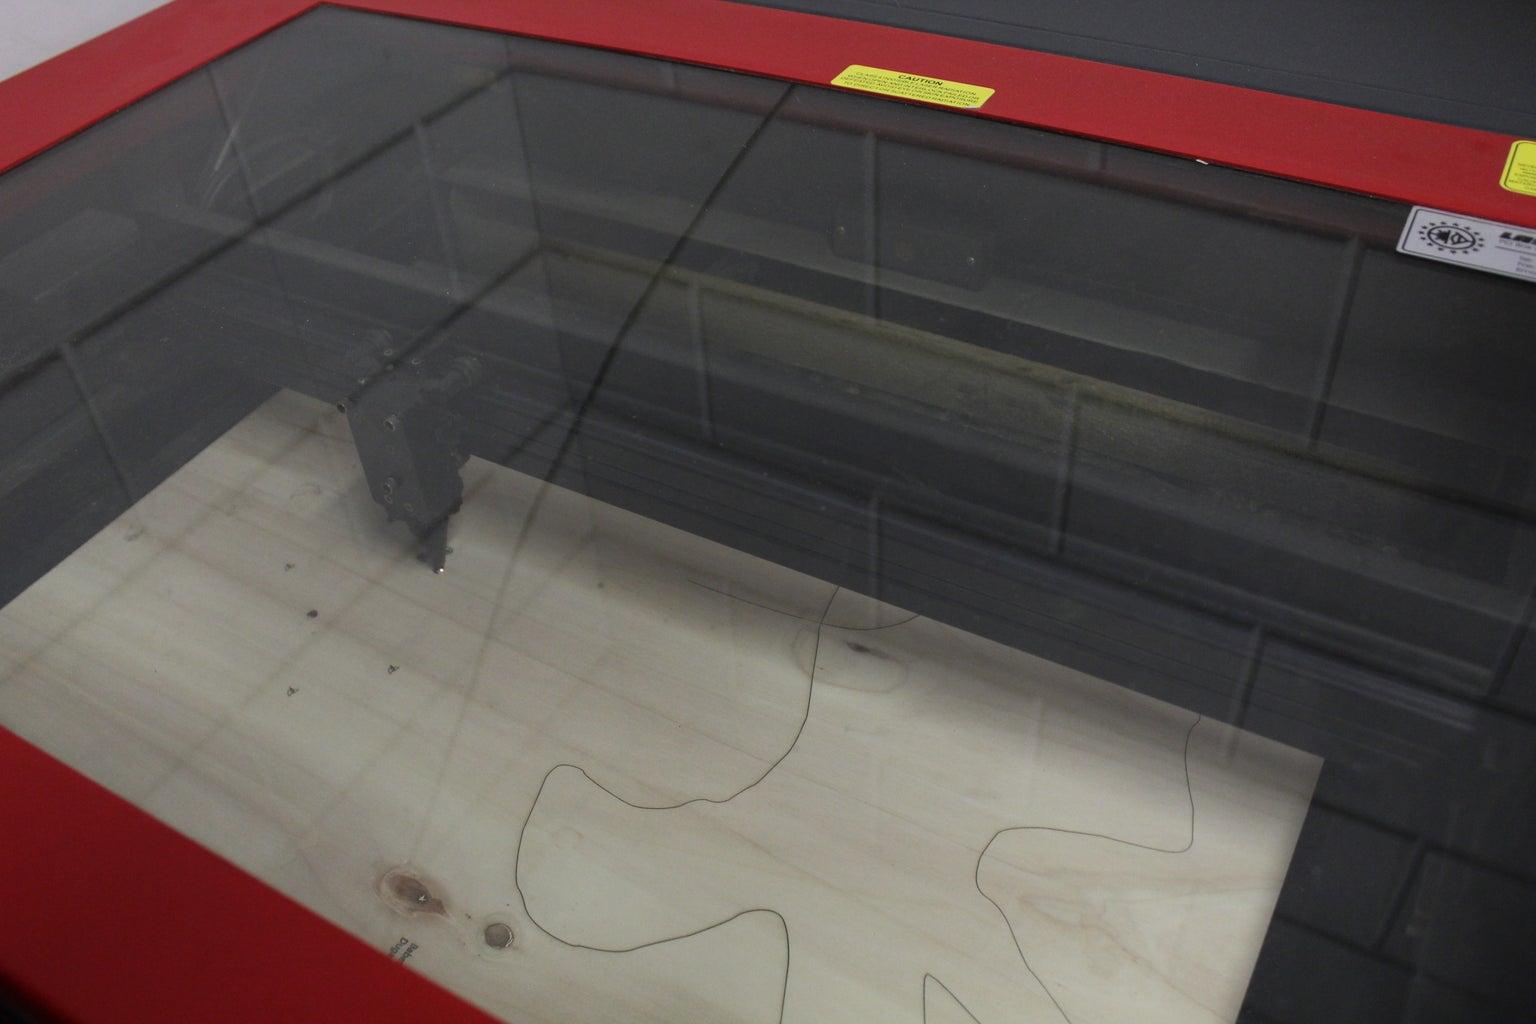 Lasercutten Van De Triplex Platen